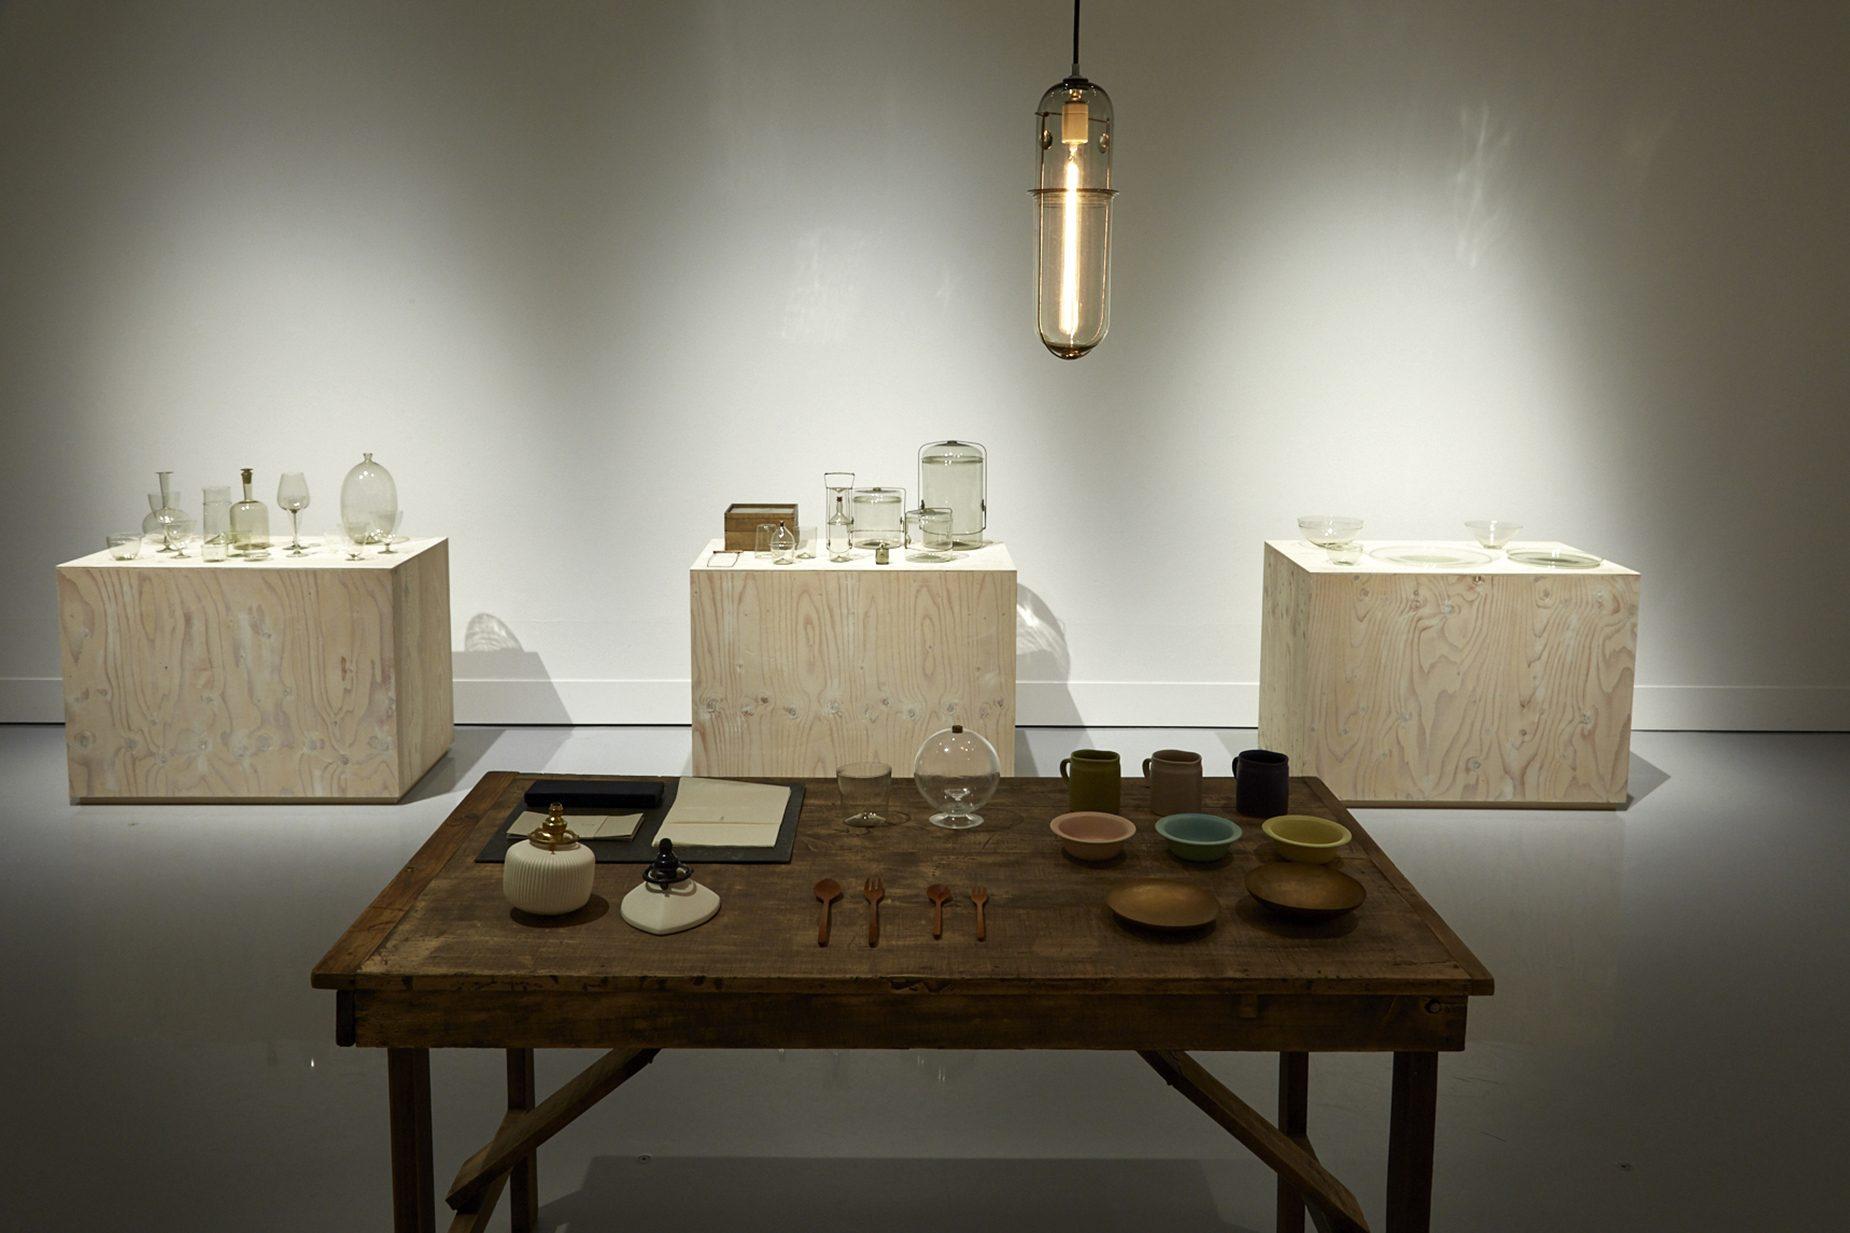 資生堂ギャラリー「そばにいる工芸」展では実際に作品を手に取れるスペースもあり、森岡さんの実用に対する思いが伺えた。 撮影:白石和弘